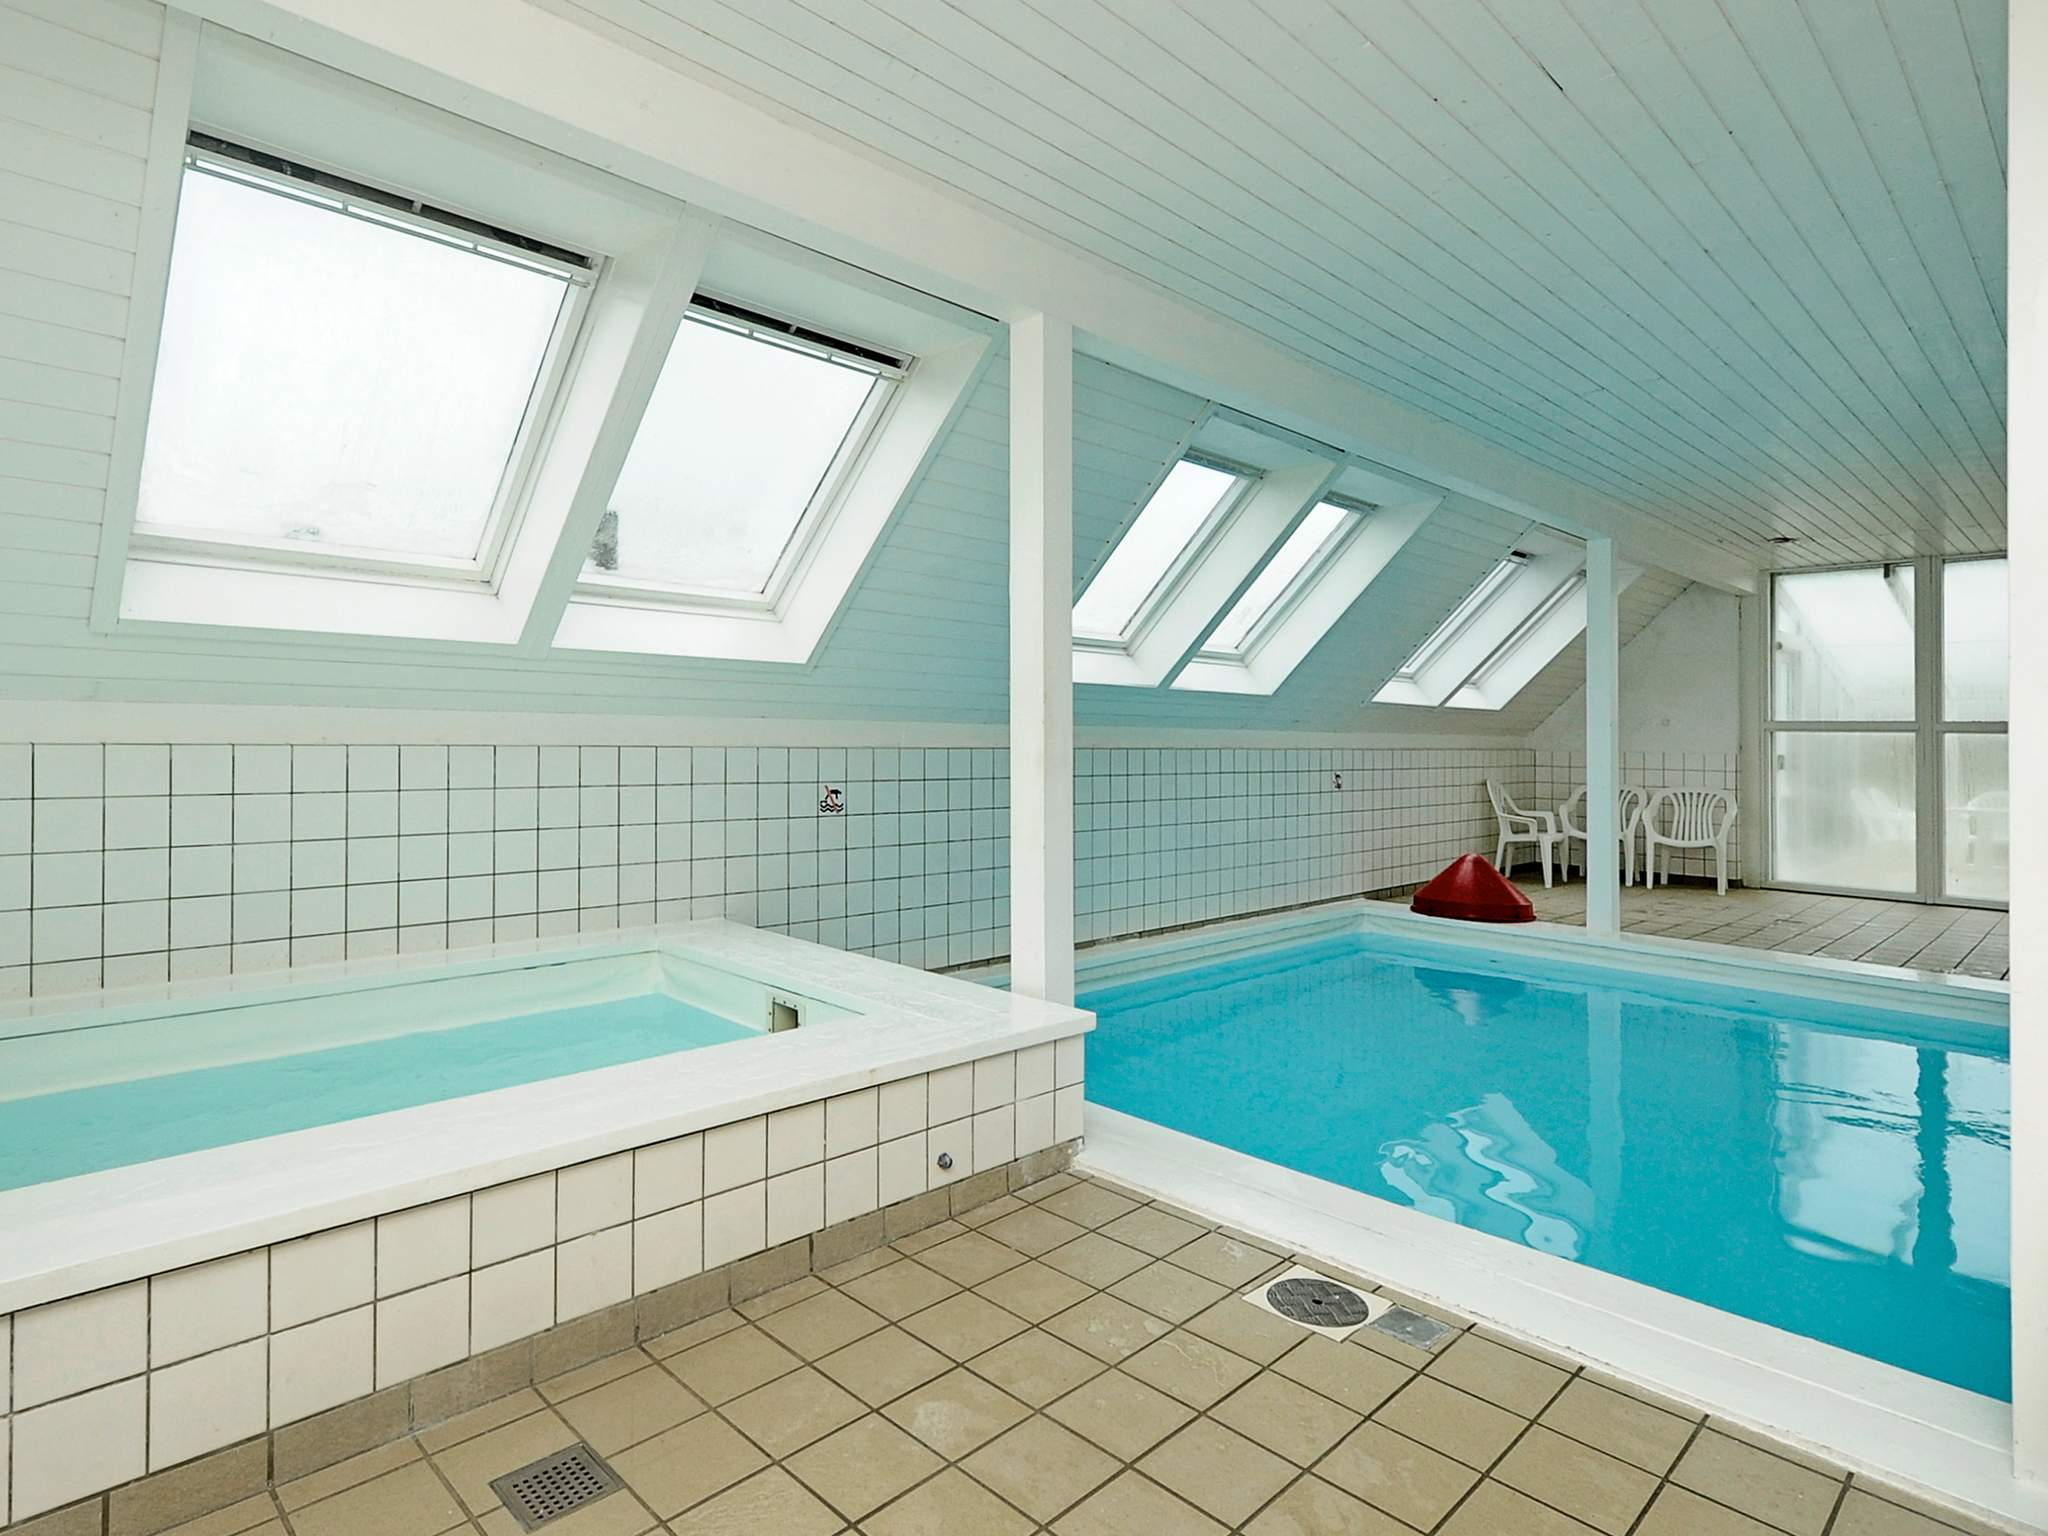 Ferienhaus Fjaltring Ferieby (88881), Fjaltring, , Limfjord, Dänemark, Bild 10